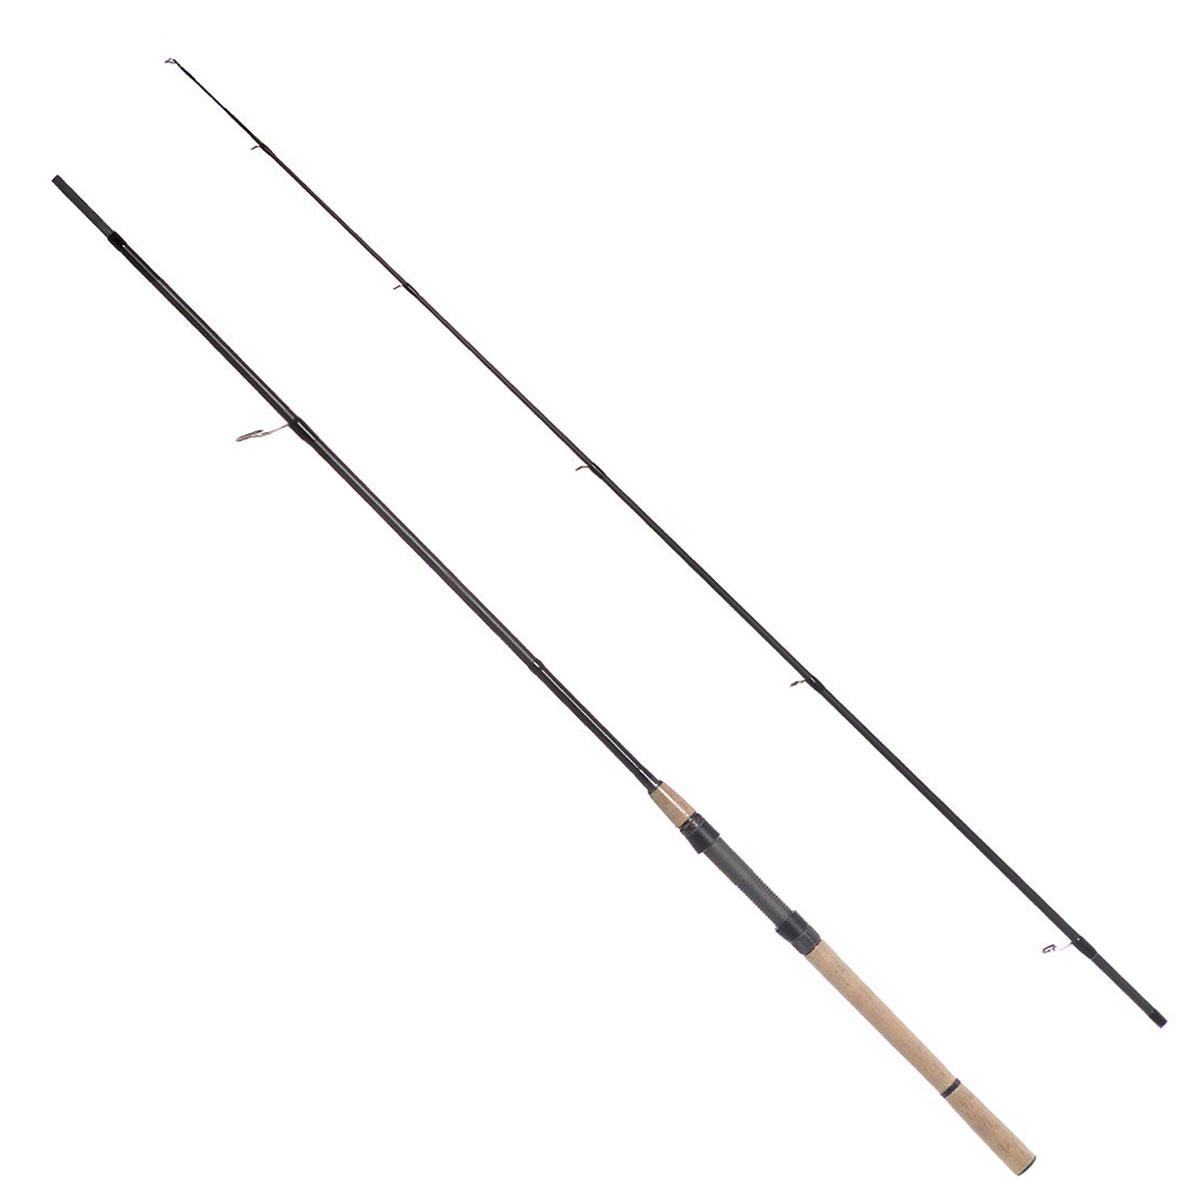 Спиннинг штекерный Daiwa Infinity-Q NEW Jigger, 2,10 м, 3-15 г54177Штекерный спиннинг Daiwa Infinity-Q NEW Jigger отличается новой длиной и тестом, обновленной конструкцией бланка. Несмотря на легкий вес, спиннинг достаточно мощный для схватки с рыбой вашей мечты. Стык колен V-Joint не изменяет естественную геометрию бланка, спиннинг ведет себя как одночастный. Спиннинг Daiwa Infinity-Q NEW Jigger значительно легче своих предшественников, а также отличается более быстрым строем.Тест: 3-15 г.